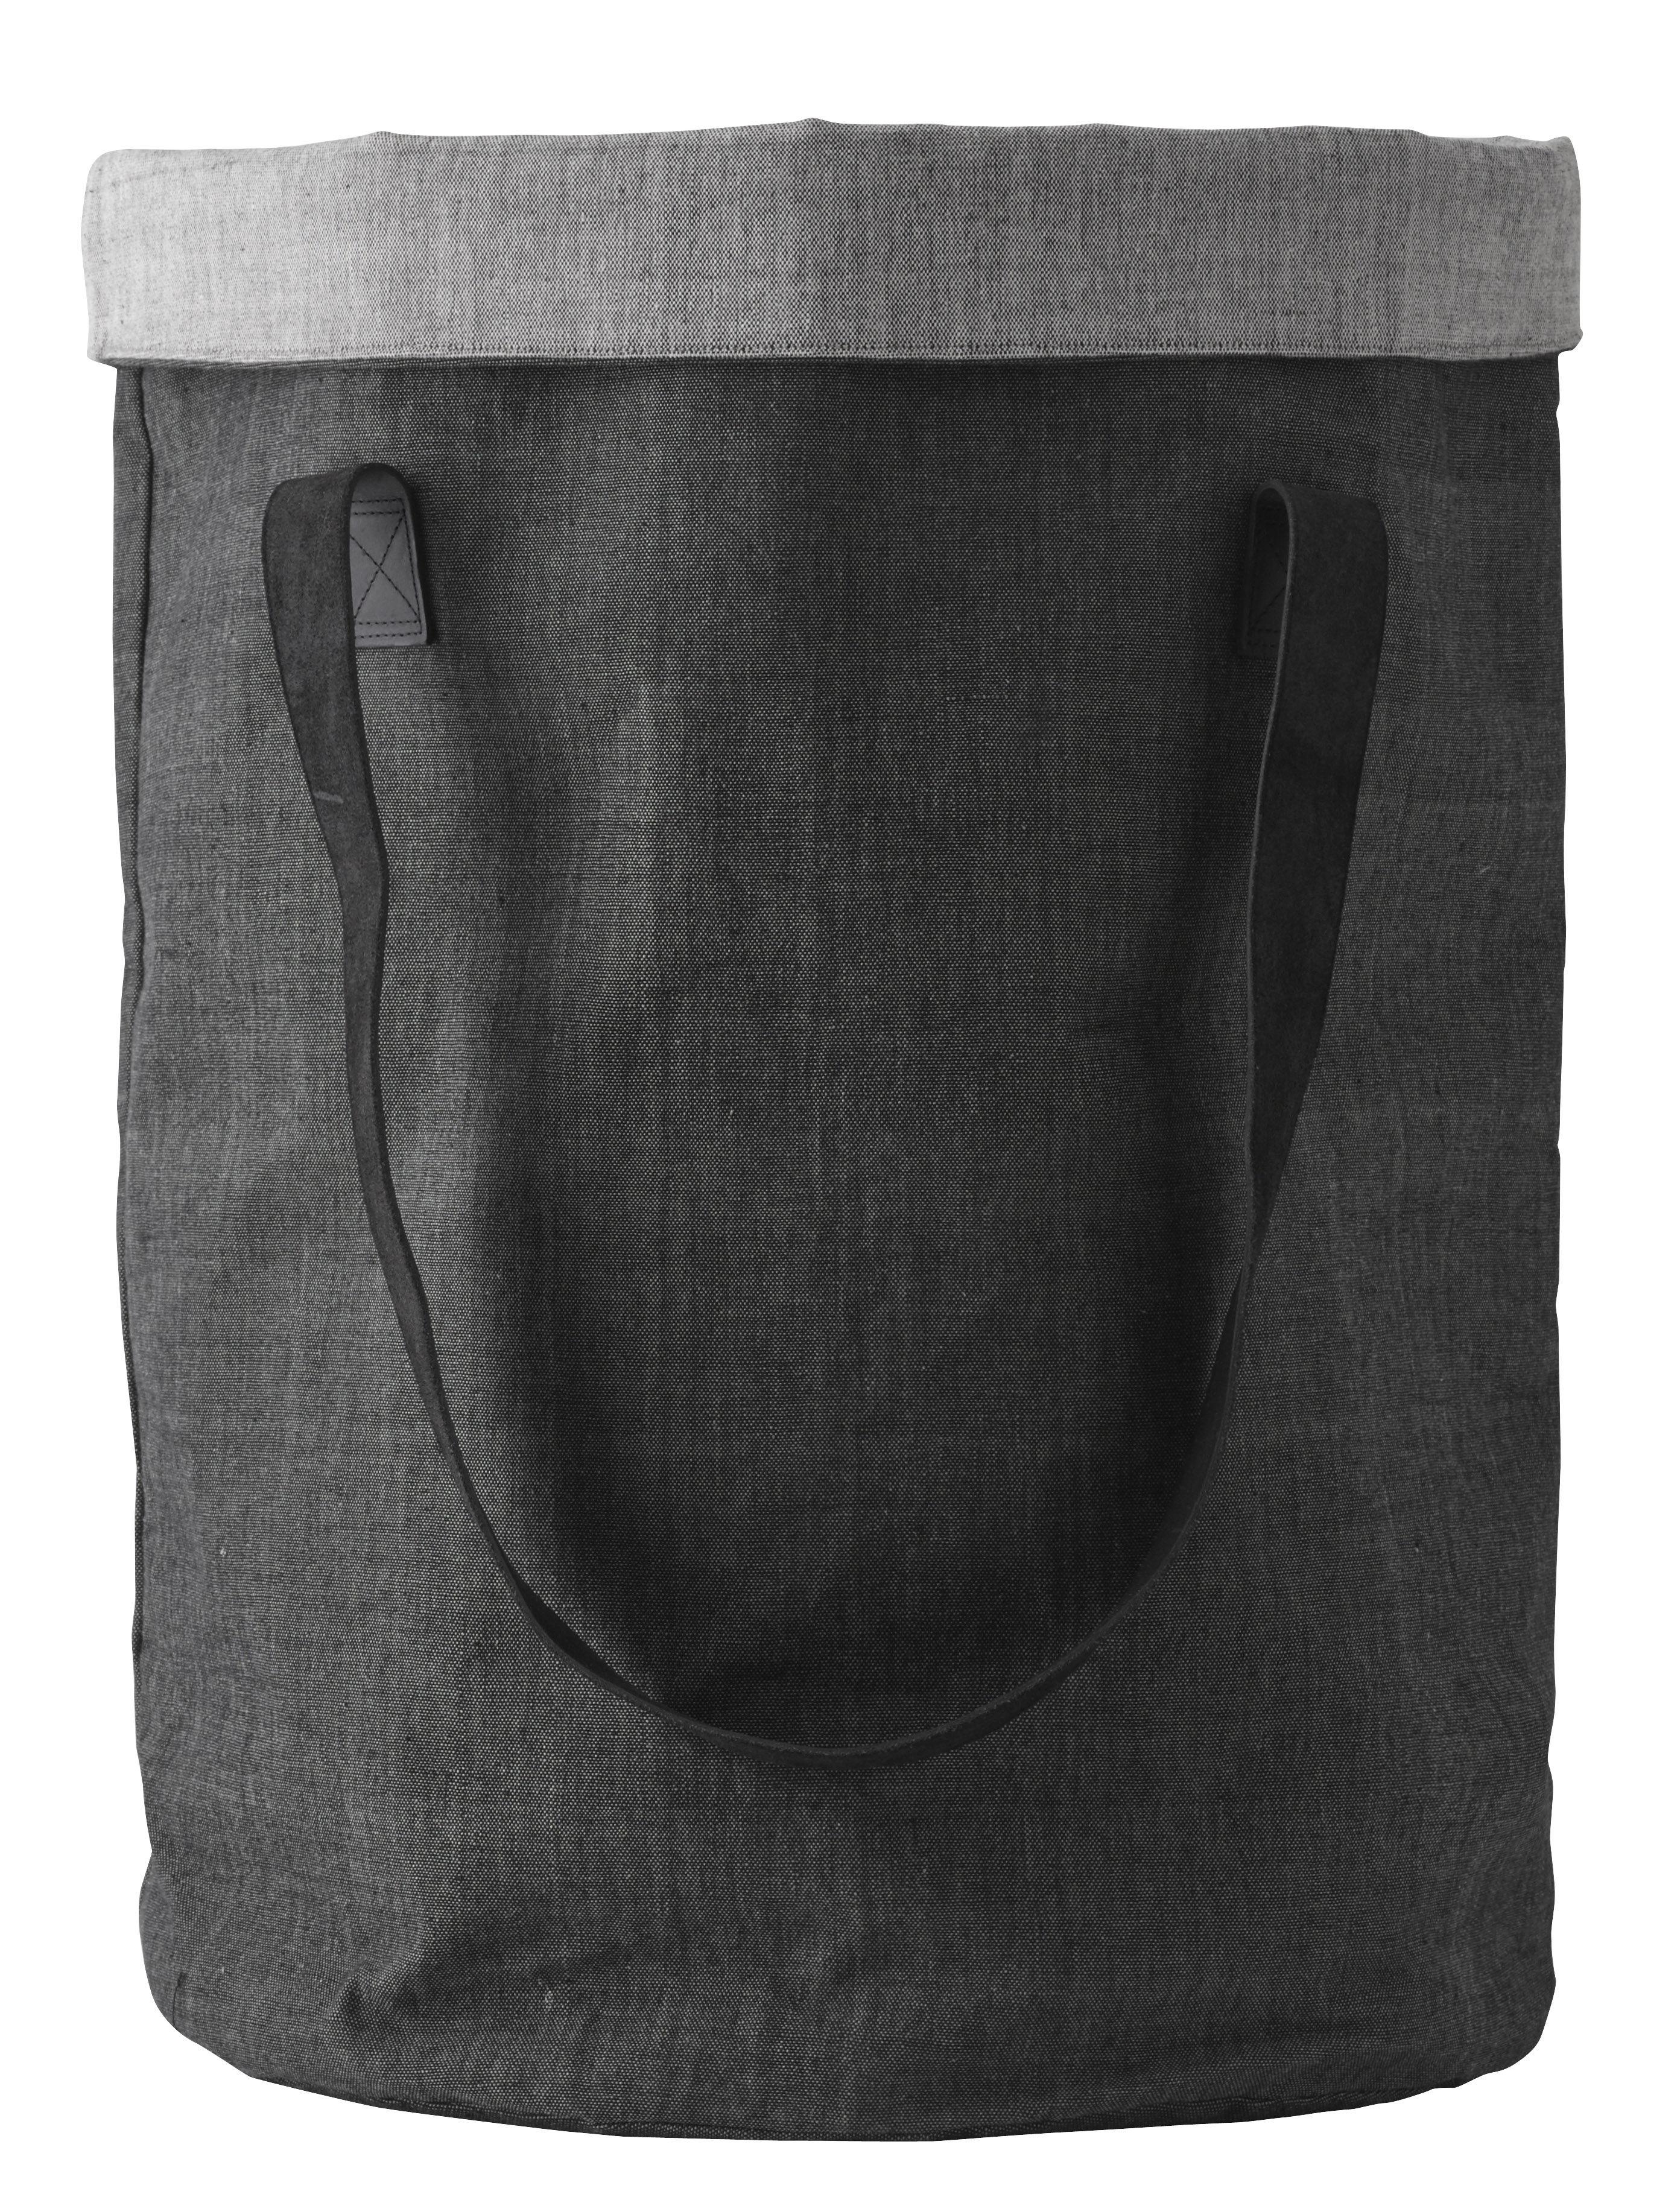 Déco - Paniers et petits rangements - Corbeille à linge Cotton Bag Norm Nepal / Poignées en cuir - Menu - Gris anthracite / Gris clair - Coton, Cuir